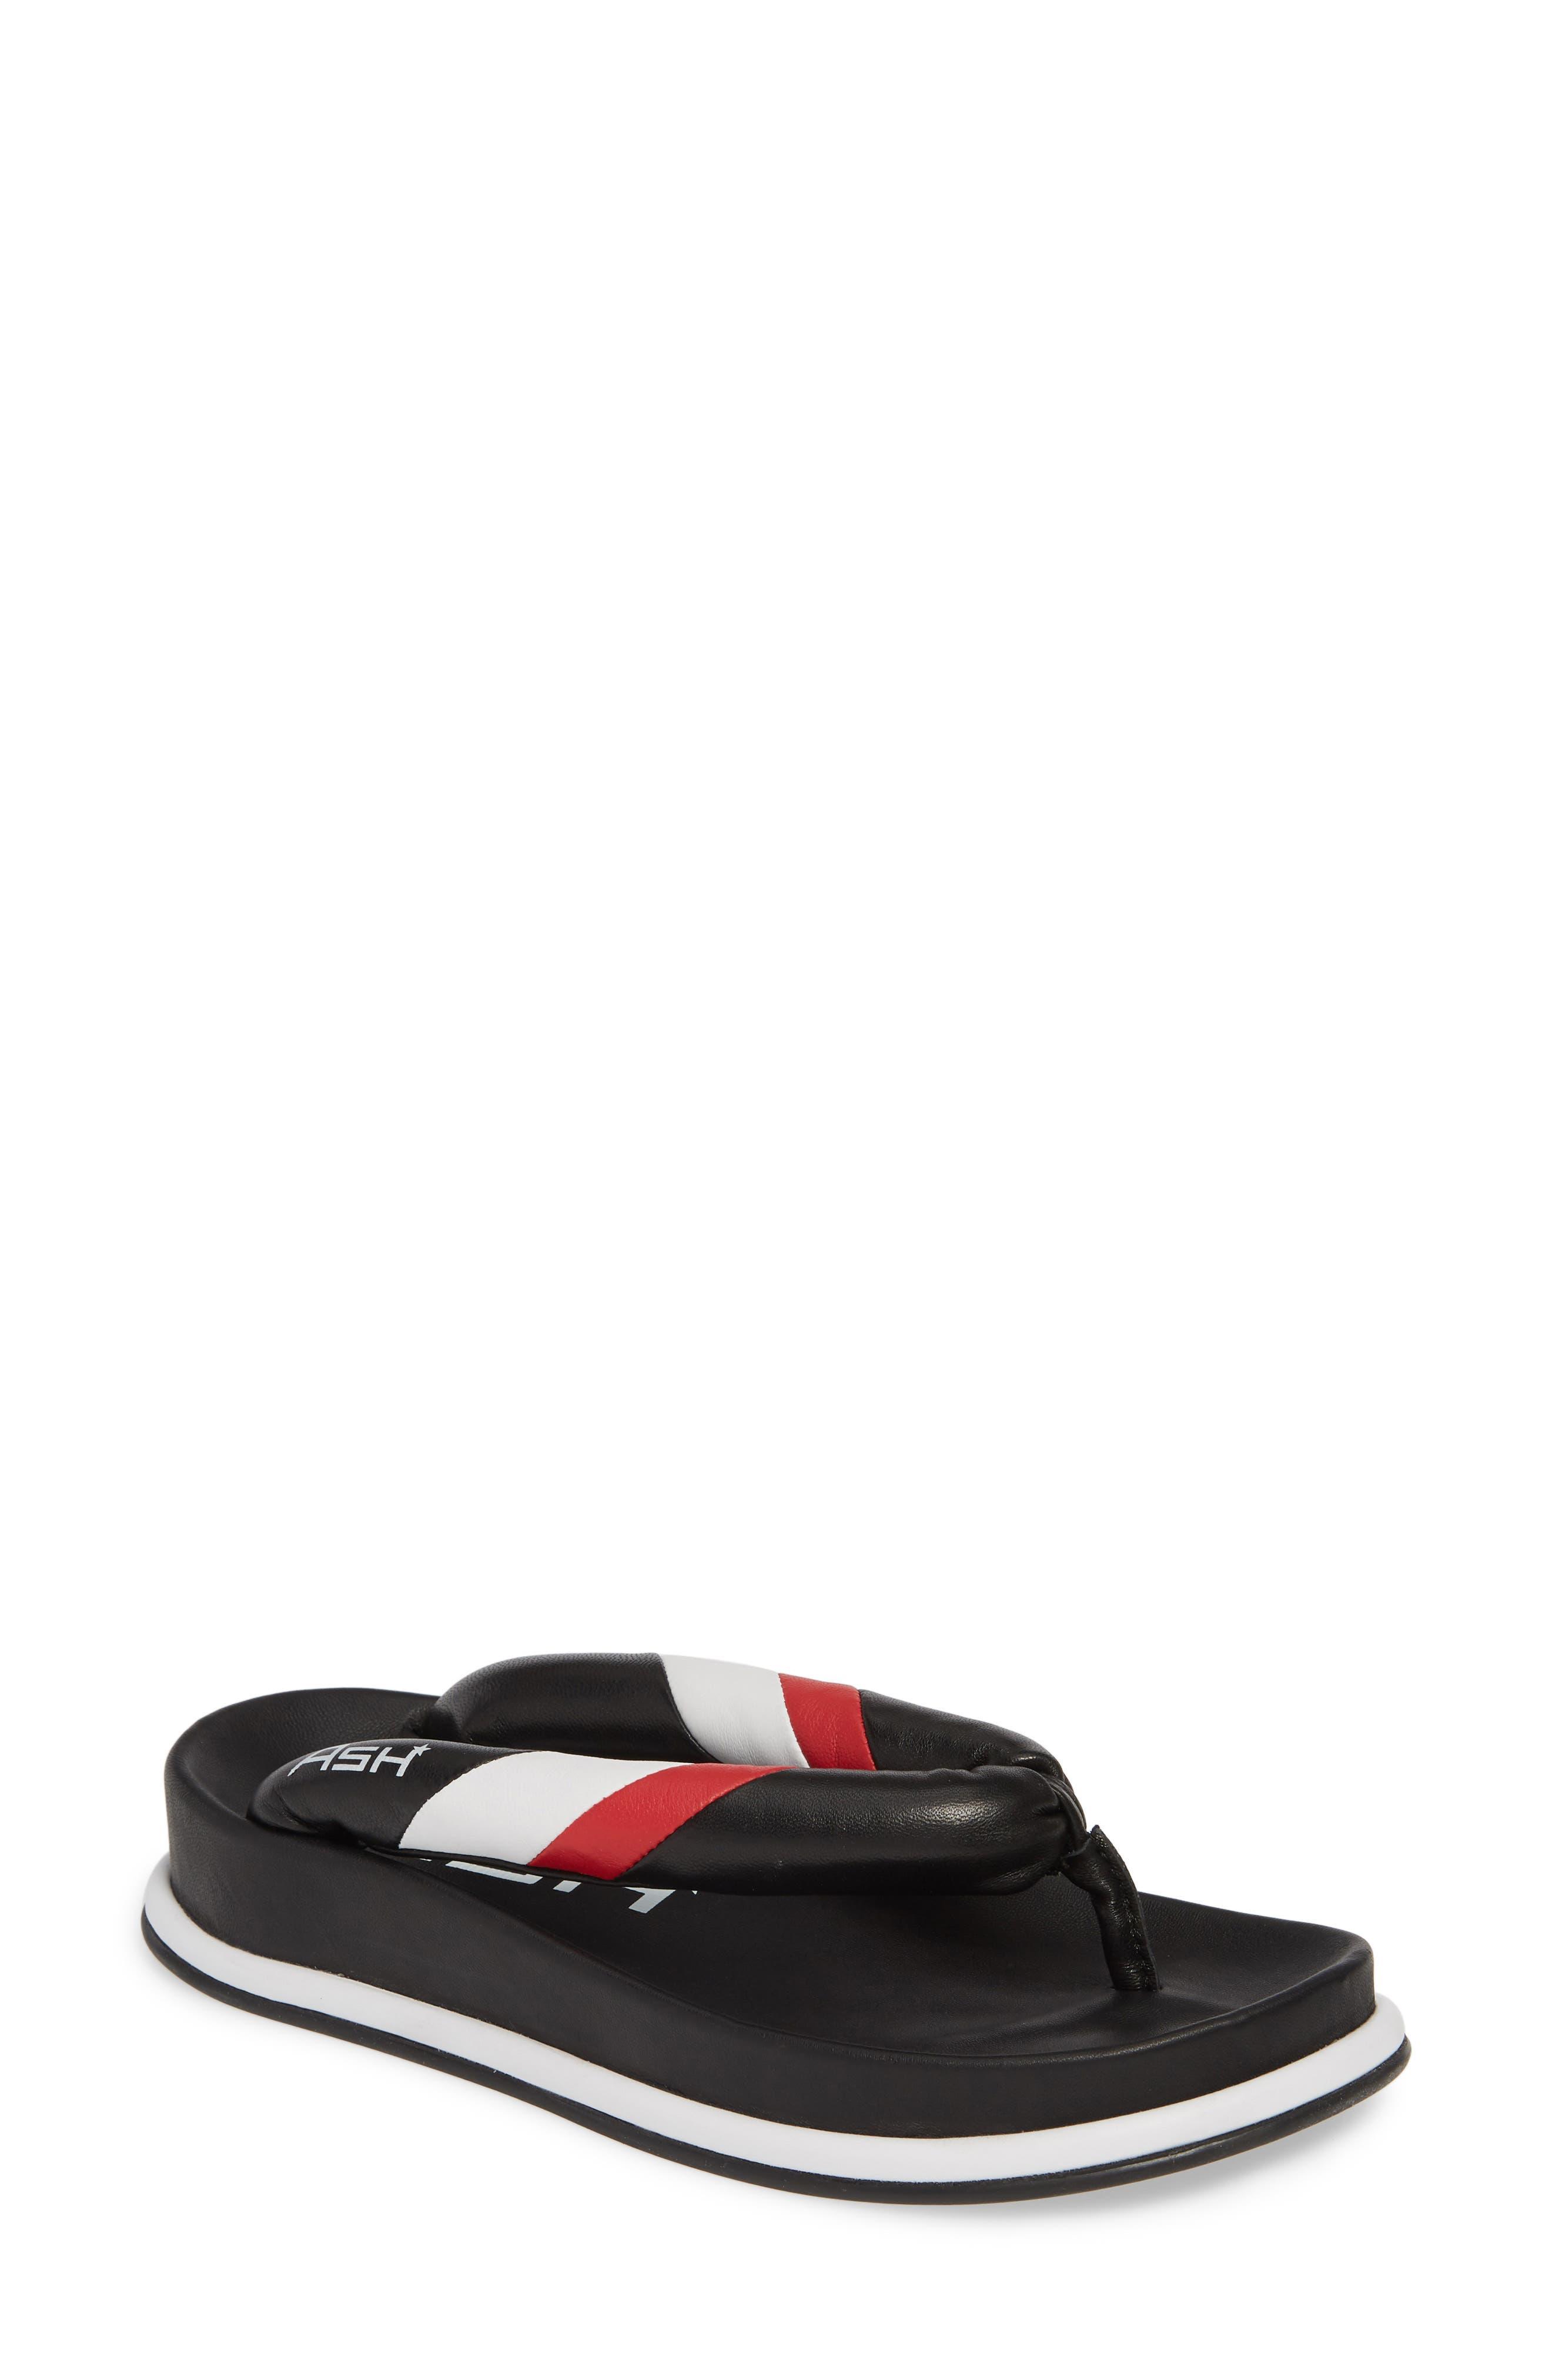 ASH Tonic Stripe Logo Flip Flop, Main, color, BLACK